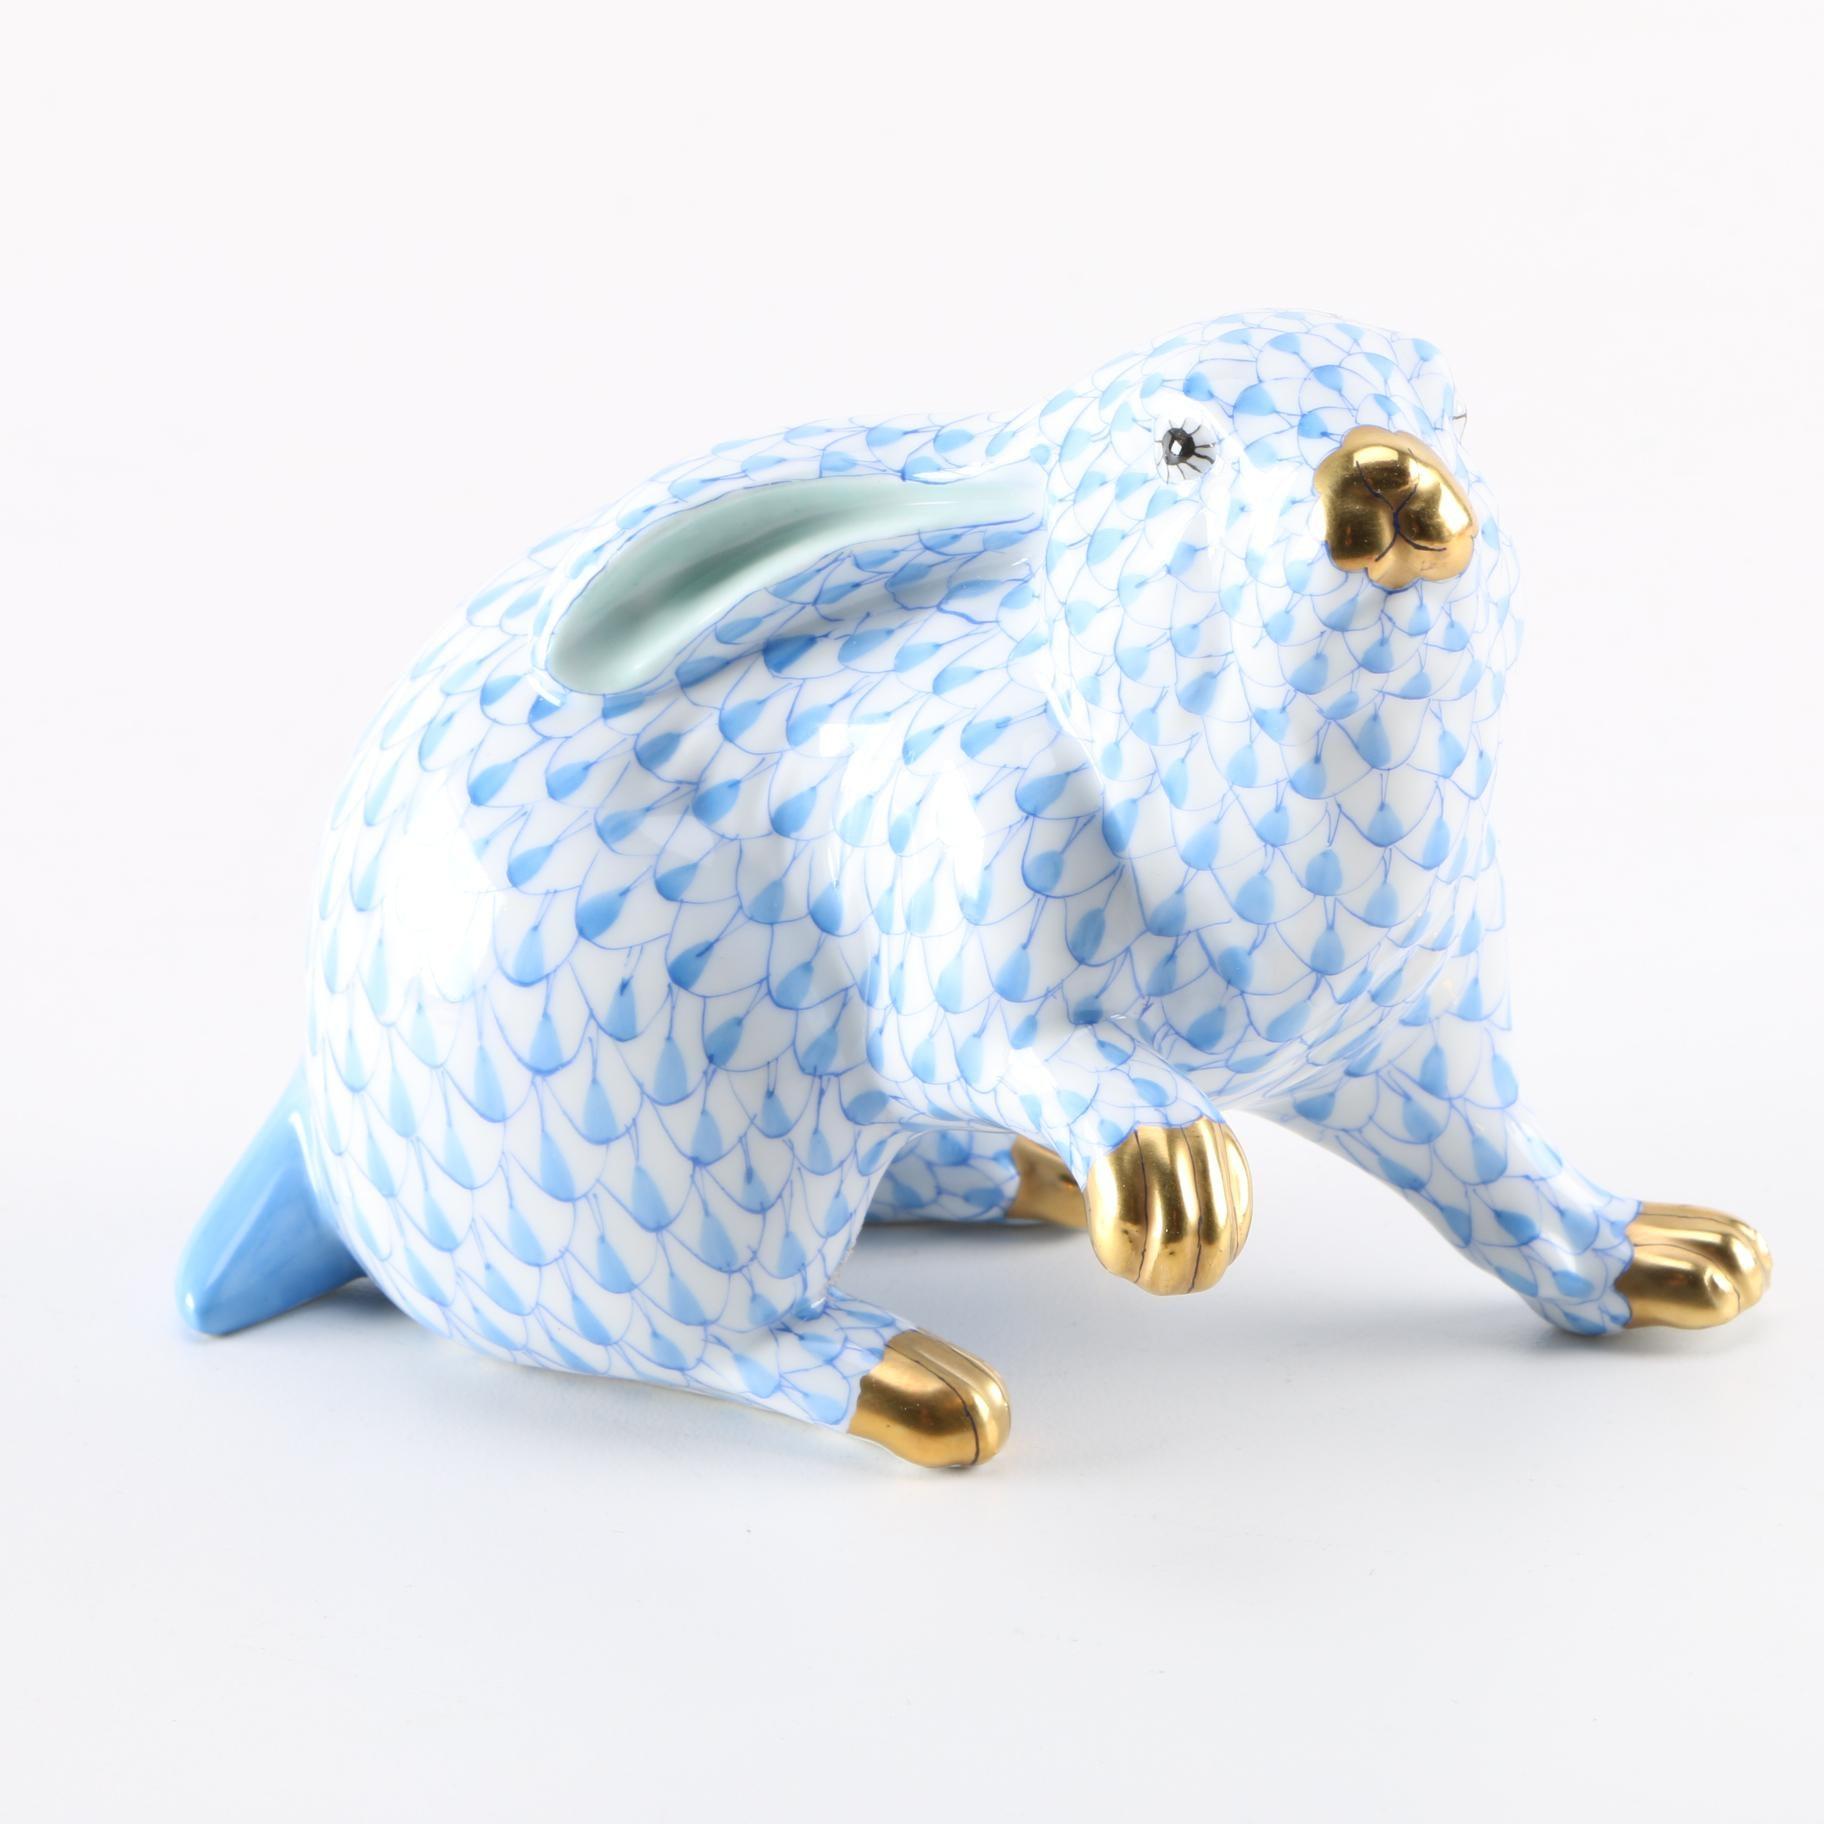 Herend Hand-Painted Ceramic Rabbit Figurine